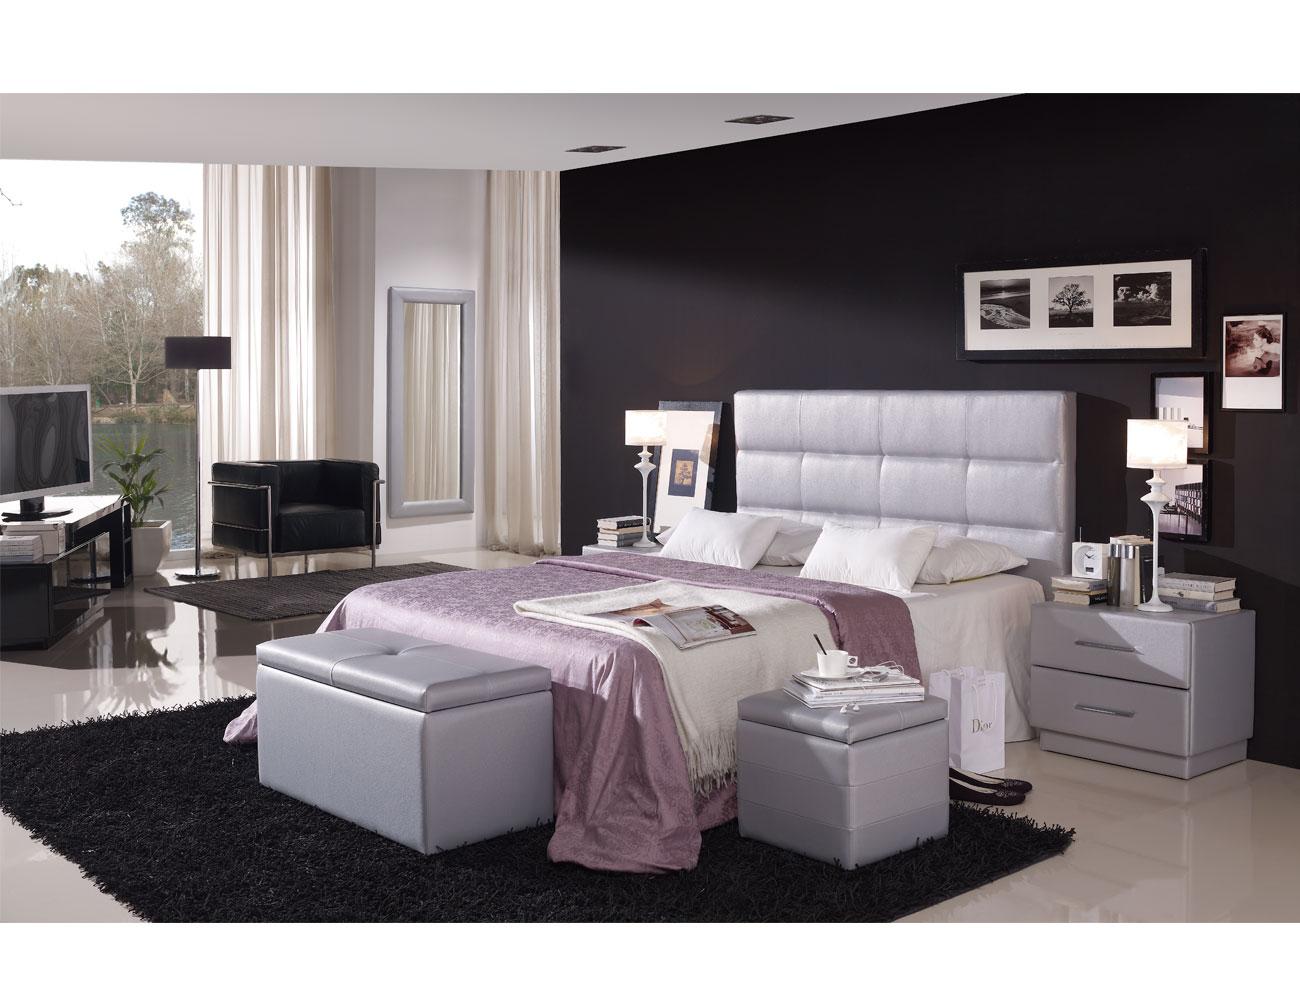 23 marco tapizado dormitorio929